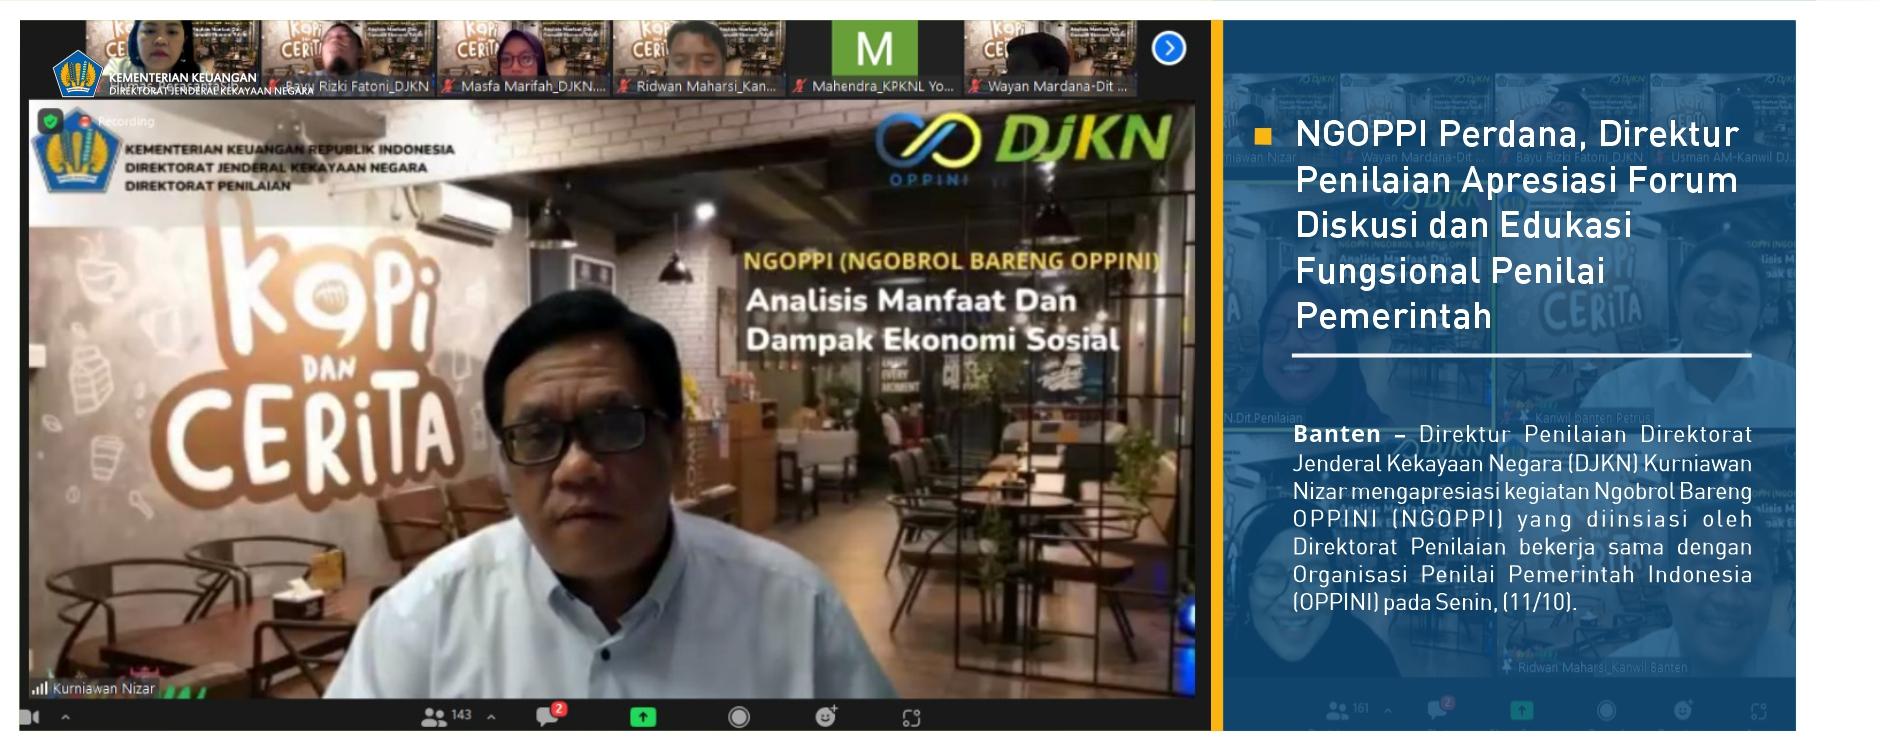 NGOPPI Perdana, Direktur Penilaian Apresiasi Forum Diskusi dan Edukasi Fungsional Penilai Pemerintah